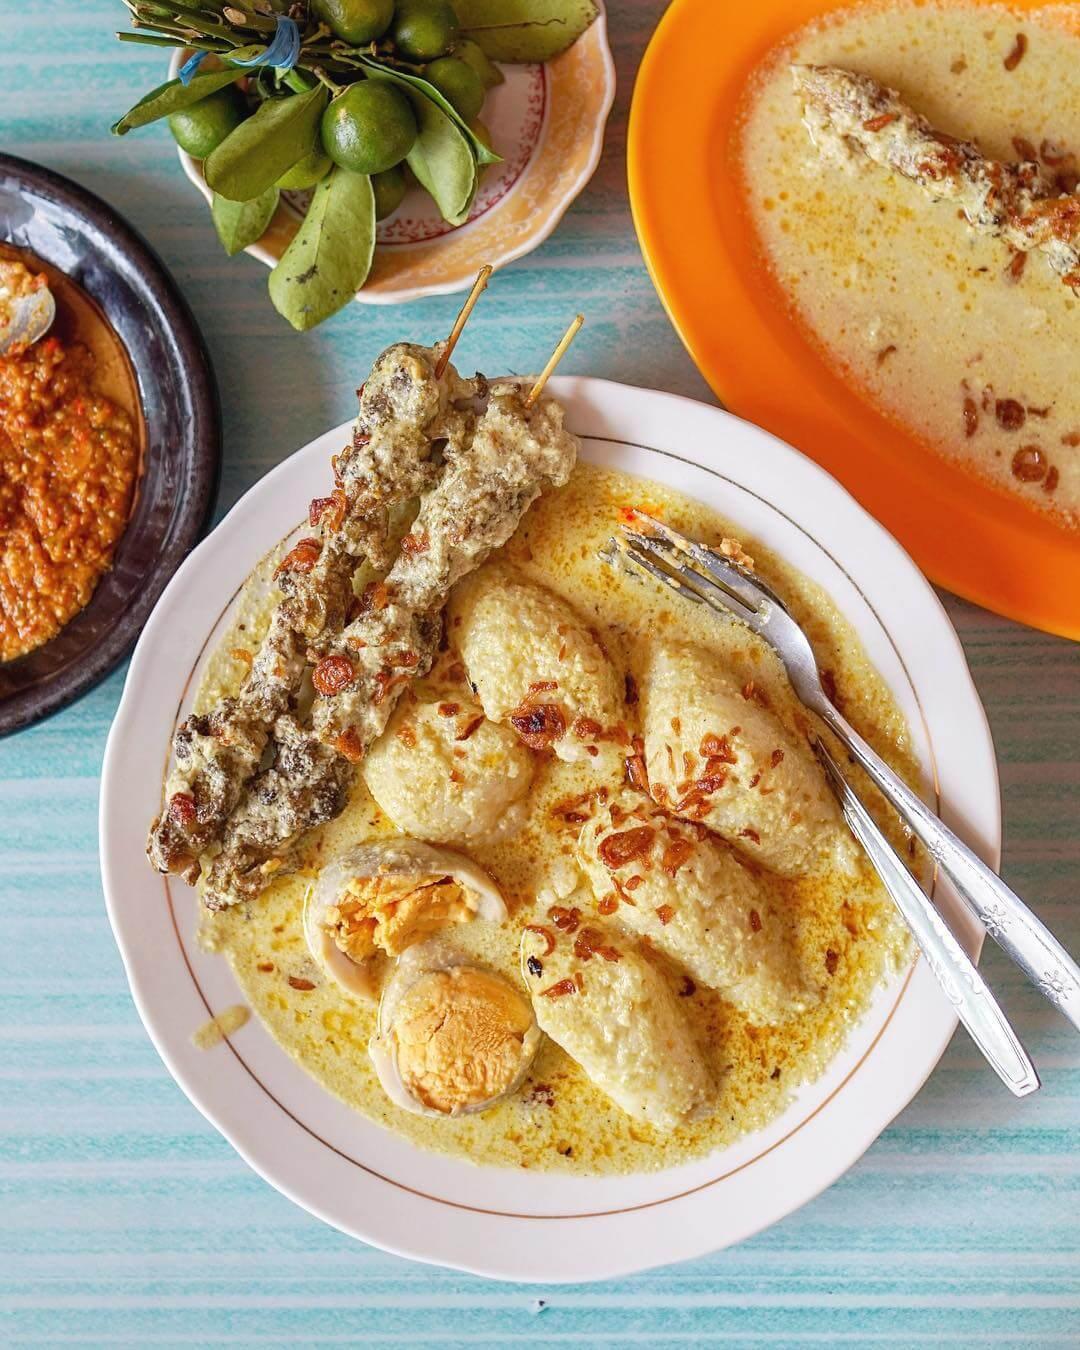 ketupat kandangan kuliner khas banjarmasin